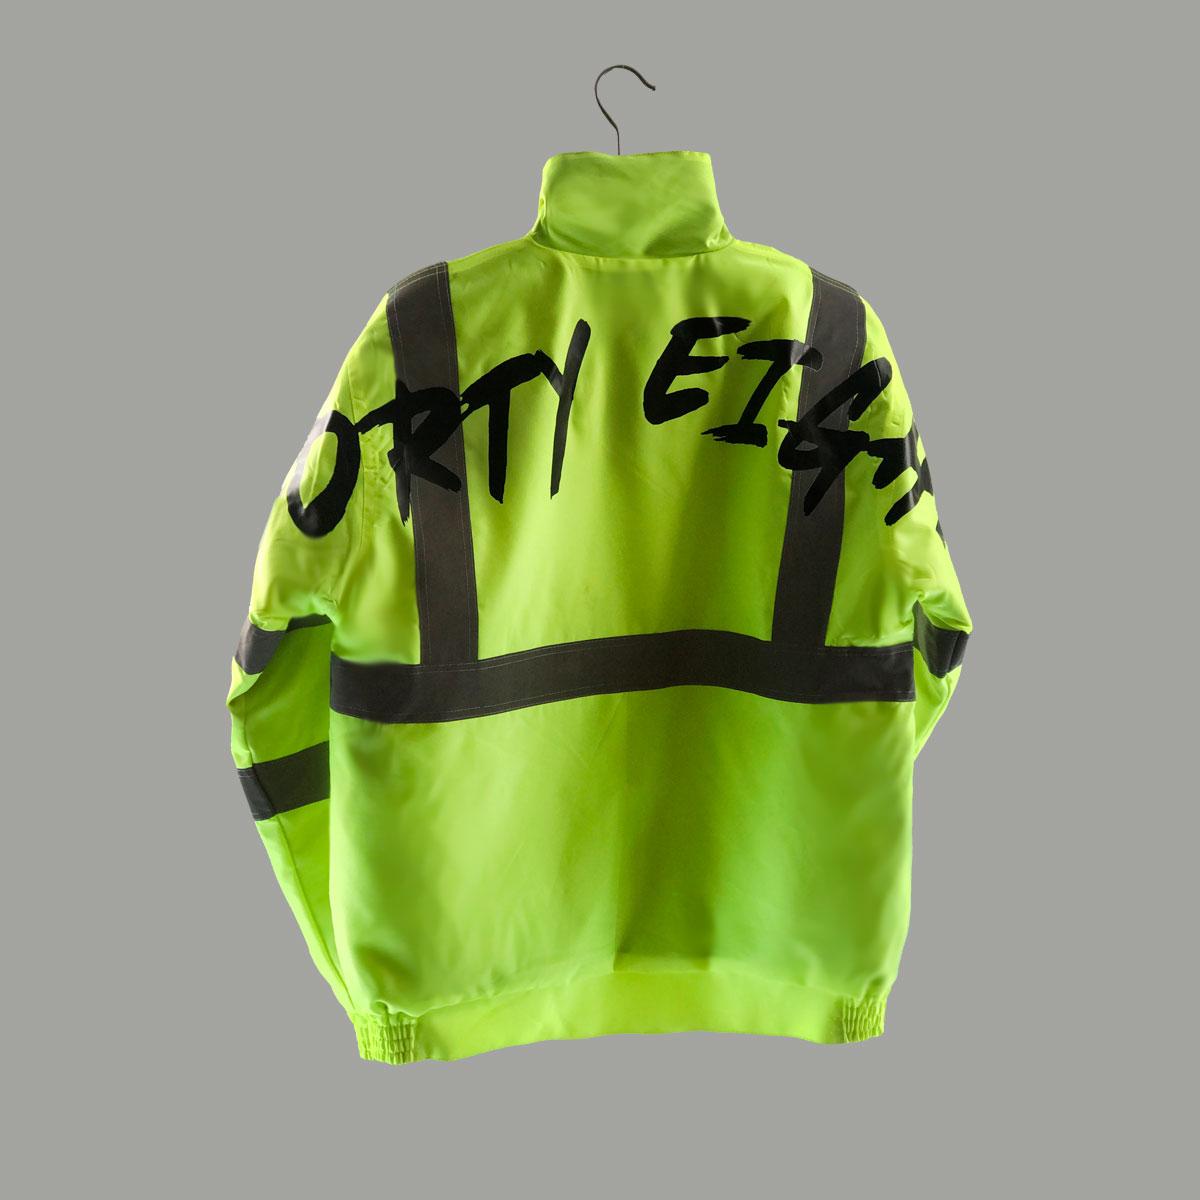 Waterproof Streetwear Jacket - Yellow